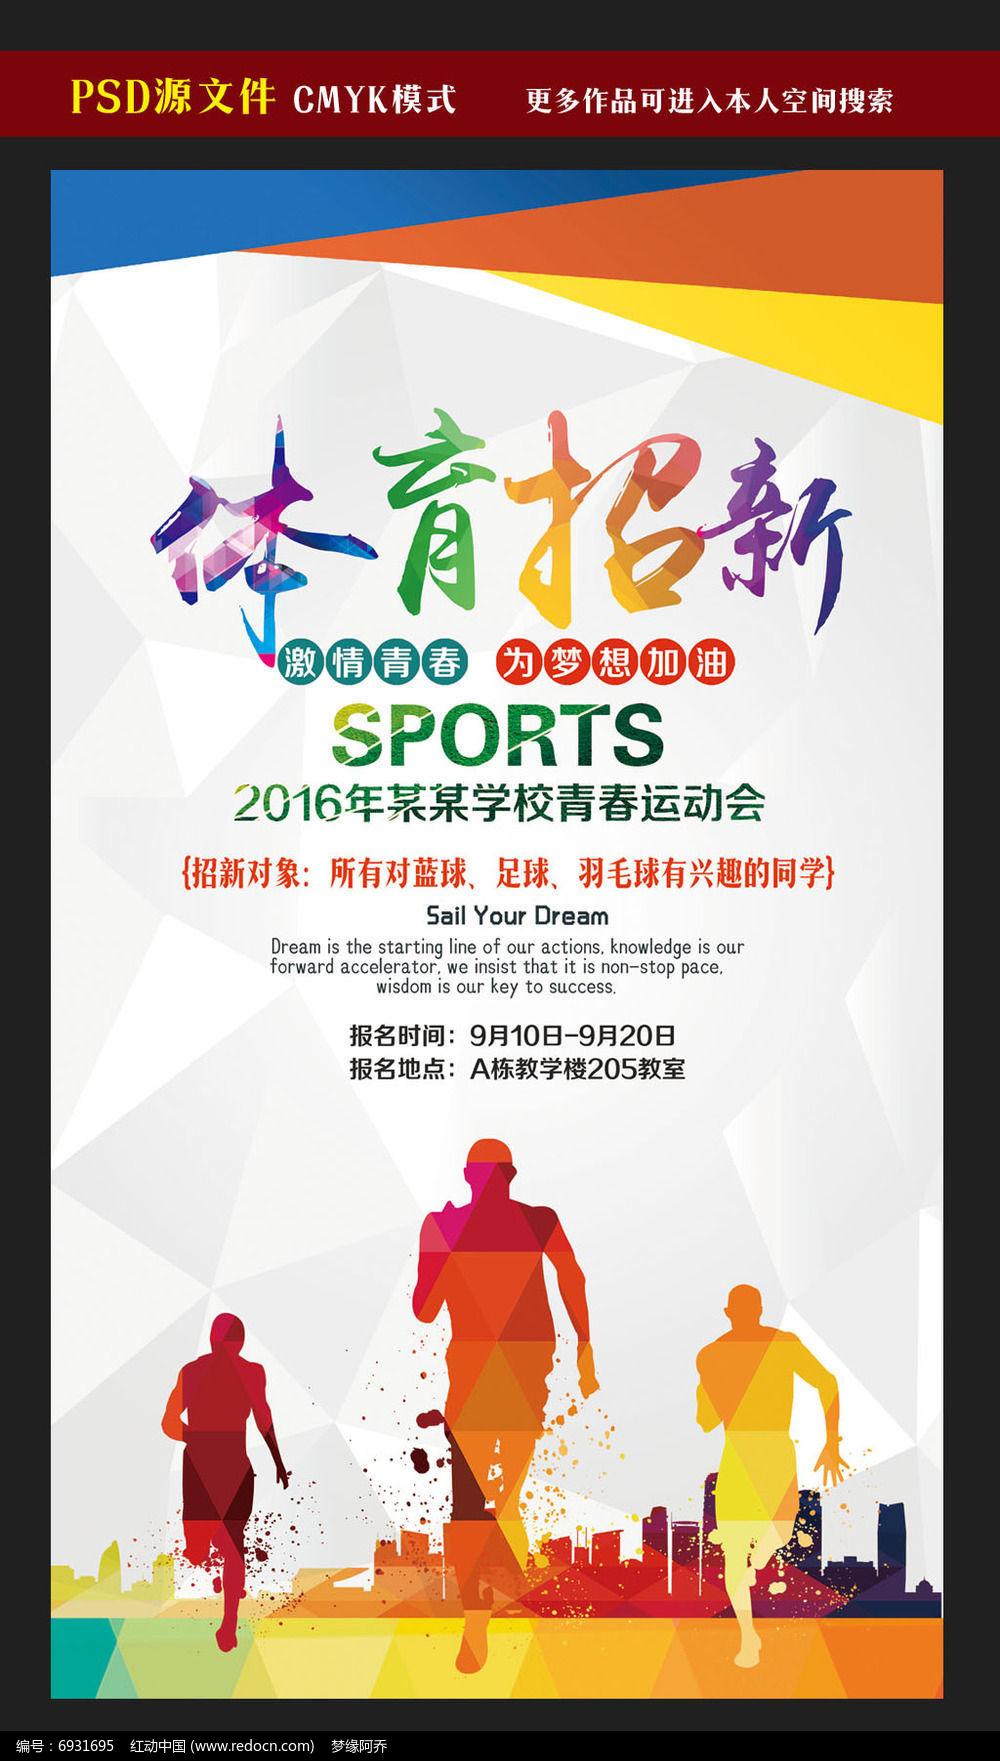 校园体育部招新海报模板下载psd素材下载_海报设计图片